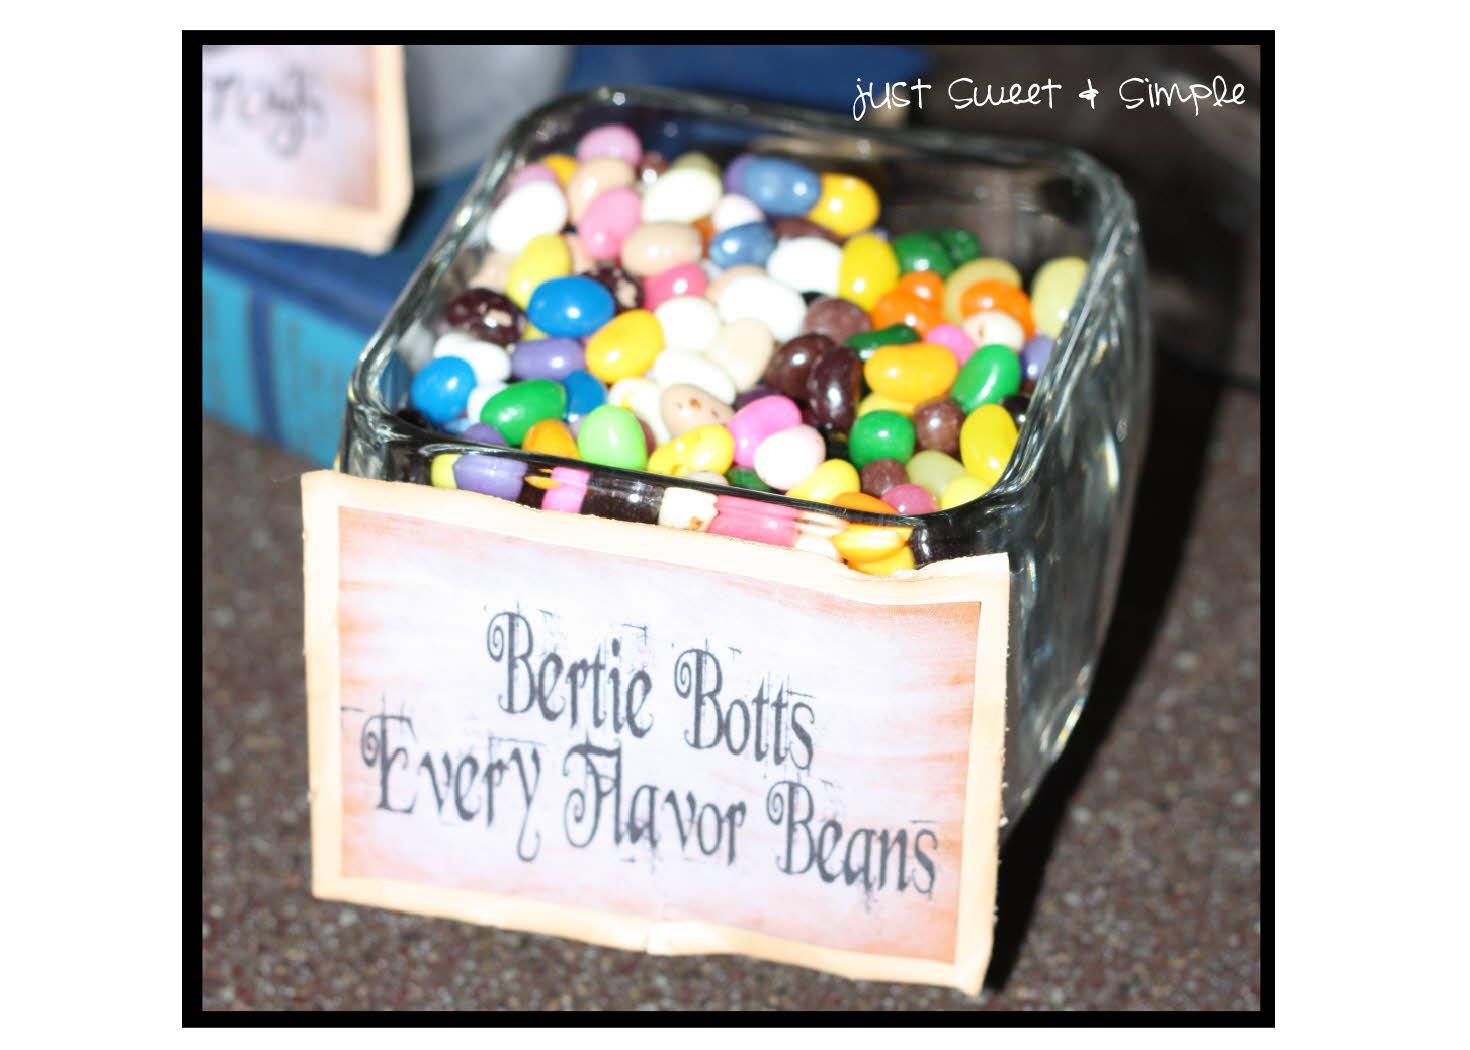 harry potter bertie botts